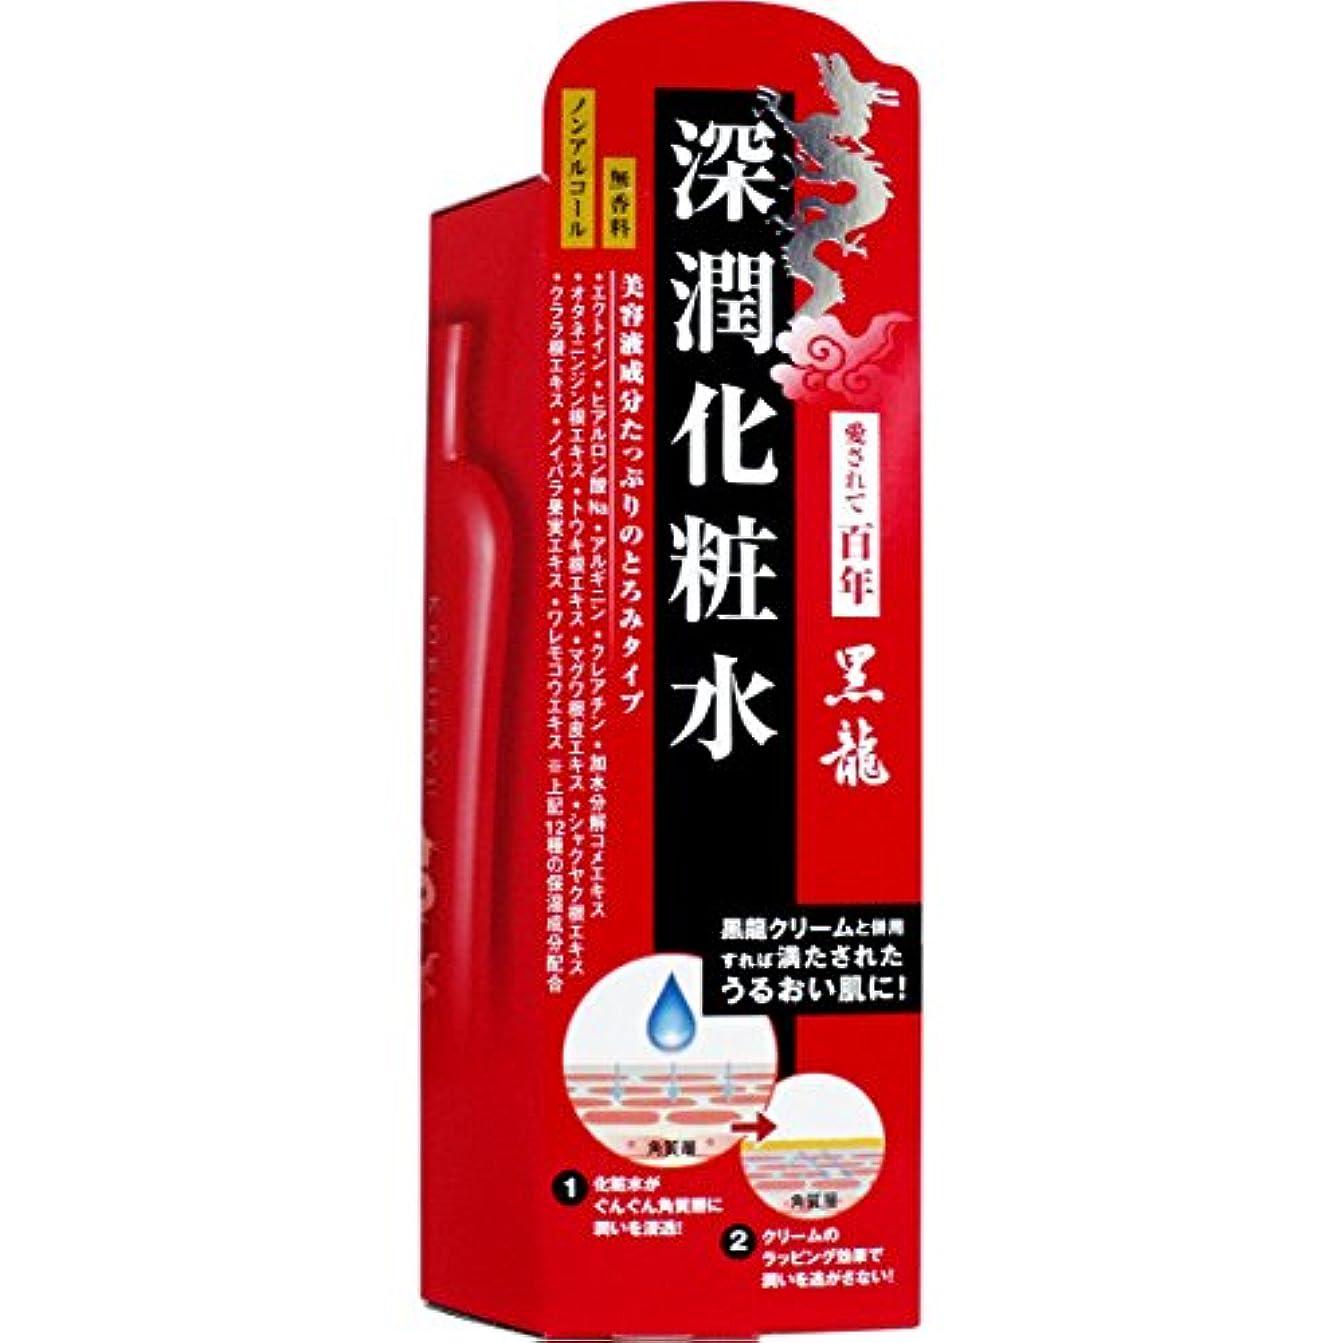 のためにファンネルウェブスパイダートリッキー黒龍 深潤化粧水 150ml×3セット